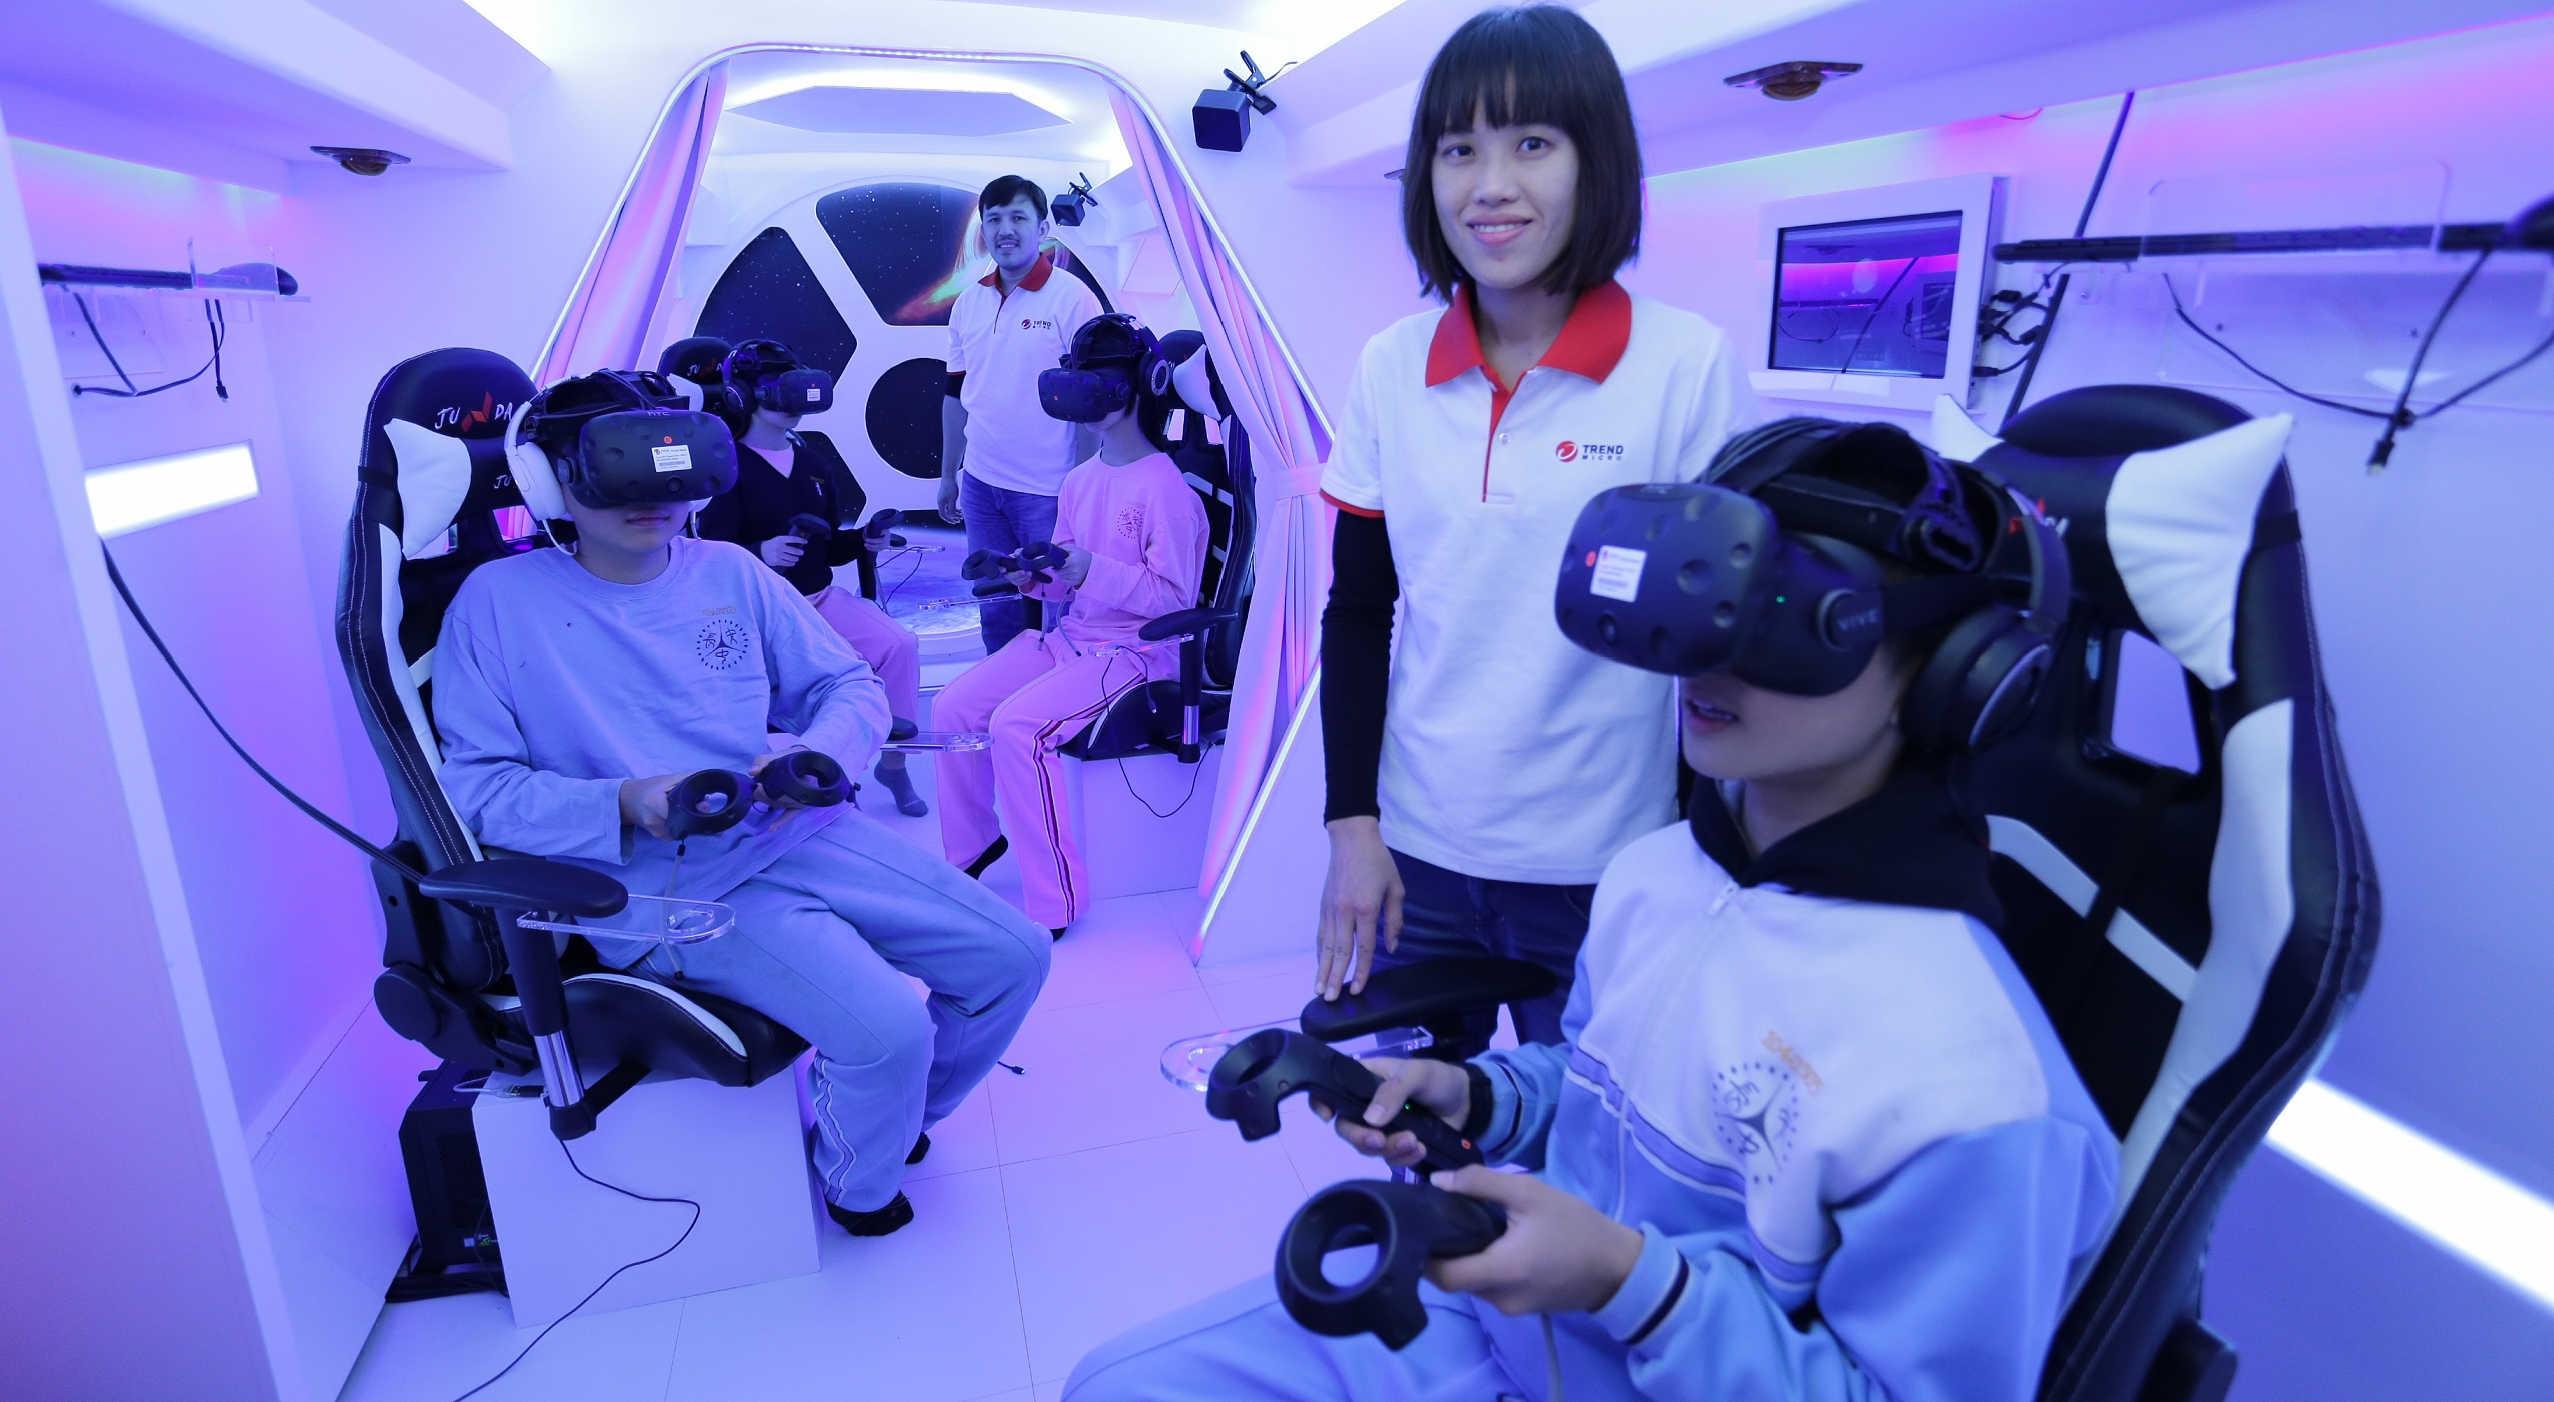 趨勢科技打造魔法VR巴士,預計行駛偏鄉111所學校,造福超過一萬名學生